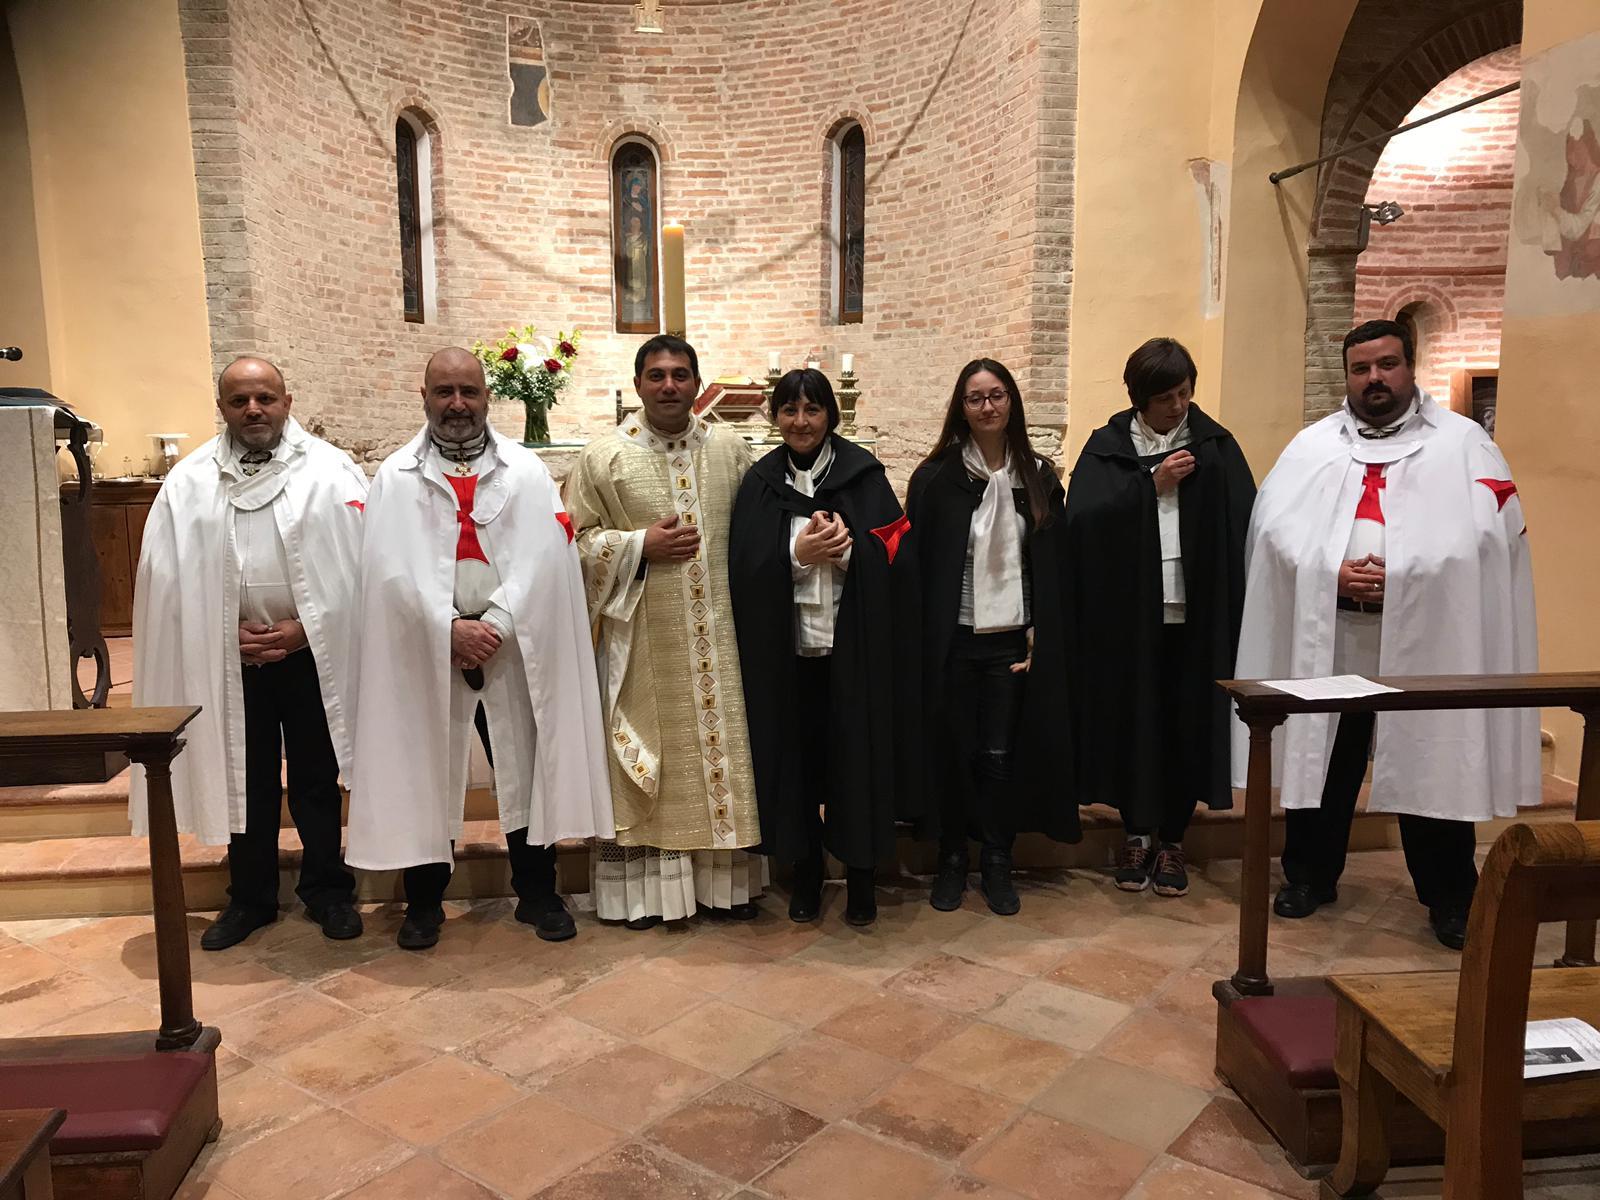 Veglia di Pasqua – Pieve Santa Maria in acquedotto – Forlì – 20 apr. 2019